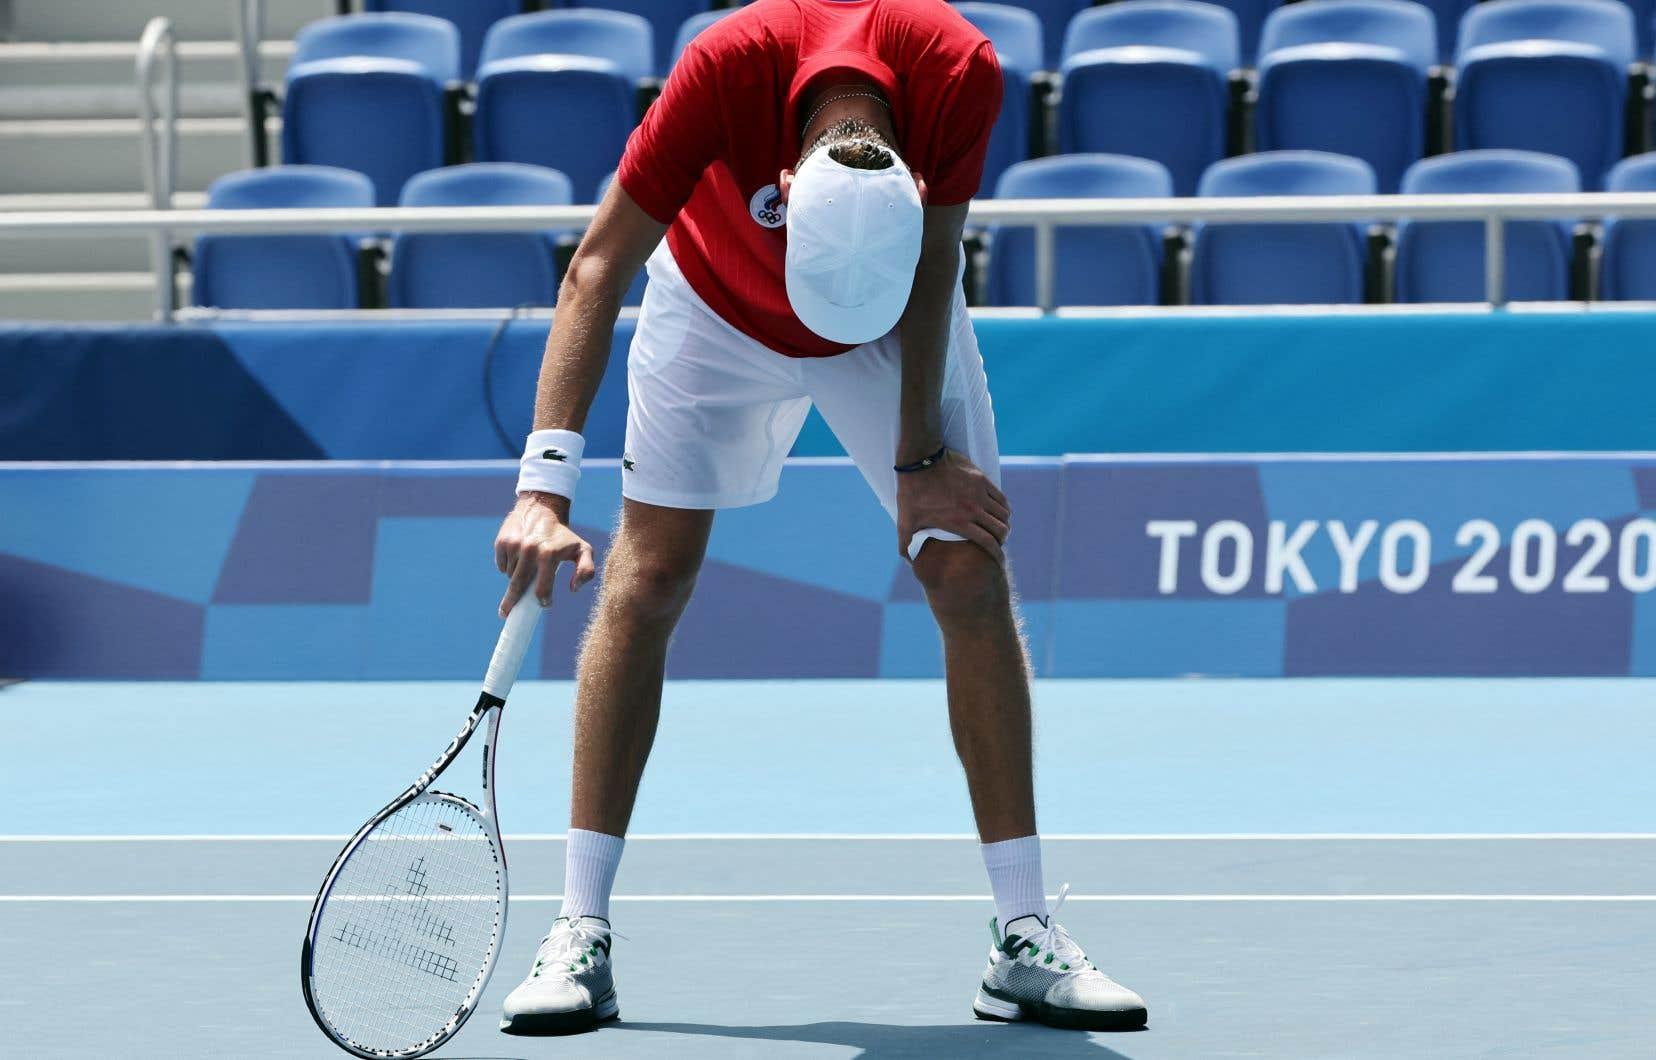 Lors de son match de mercredi matin contre l'Italien Fabio Fognini, le joueur de tennis russe Daniil Medvedev vivait mal l'humidité et la chaleur étouffante de Tokyo.